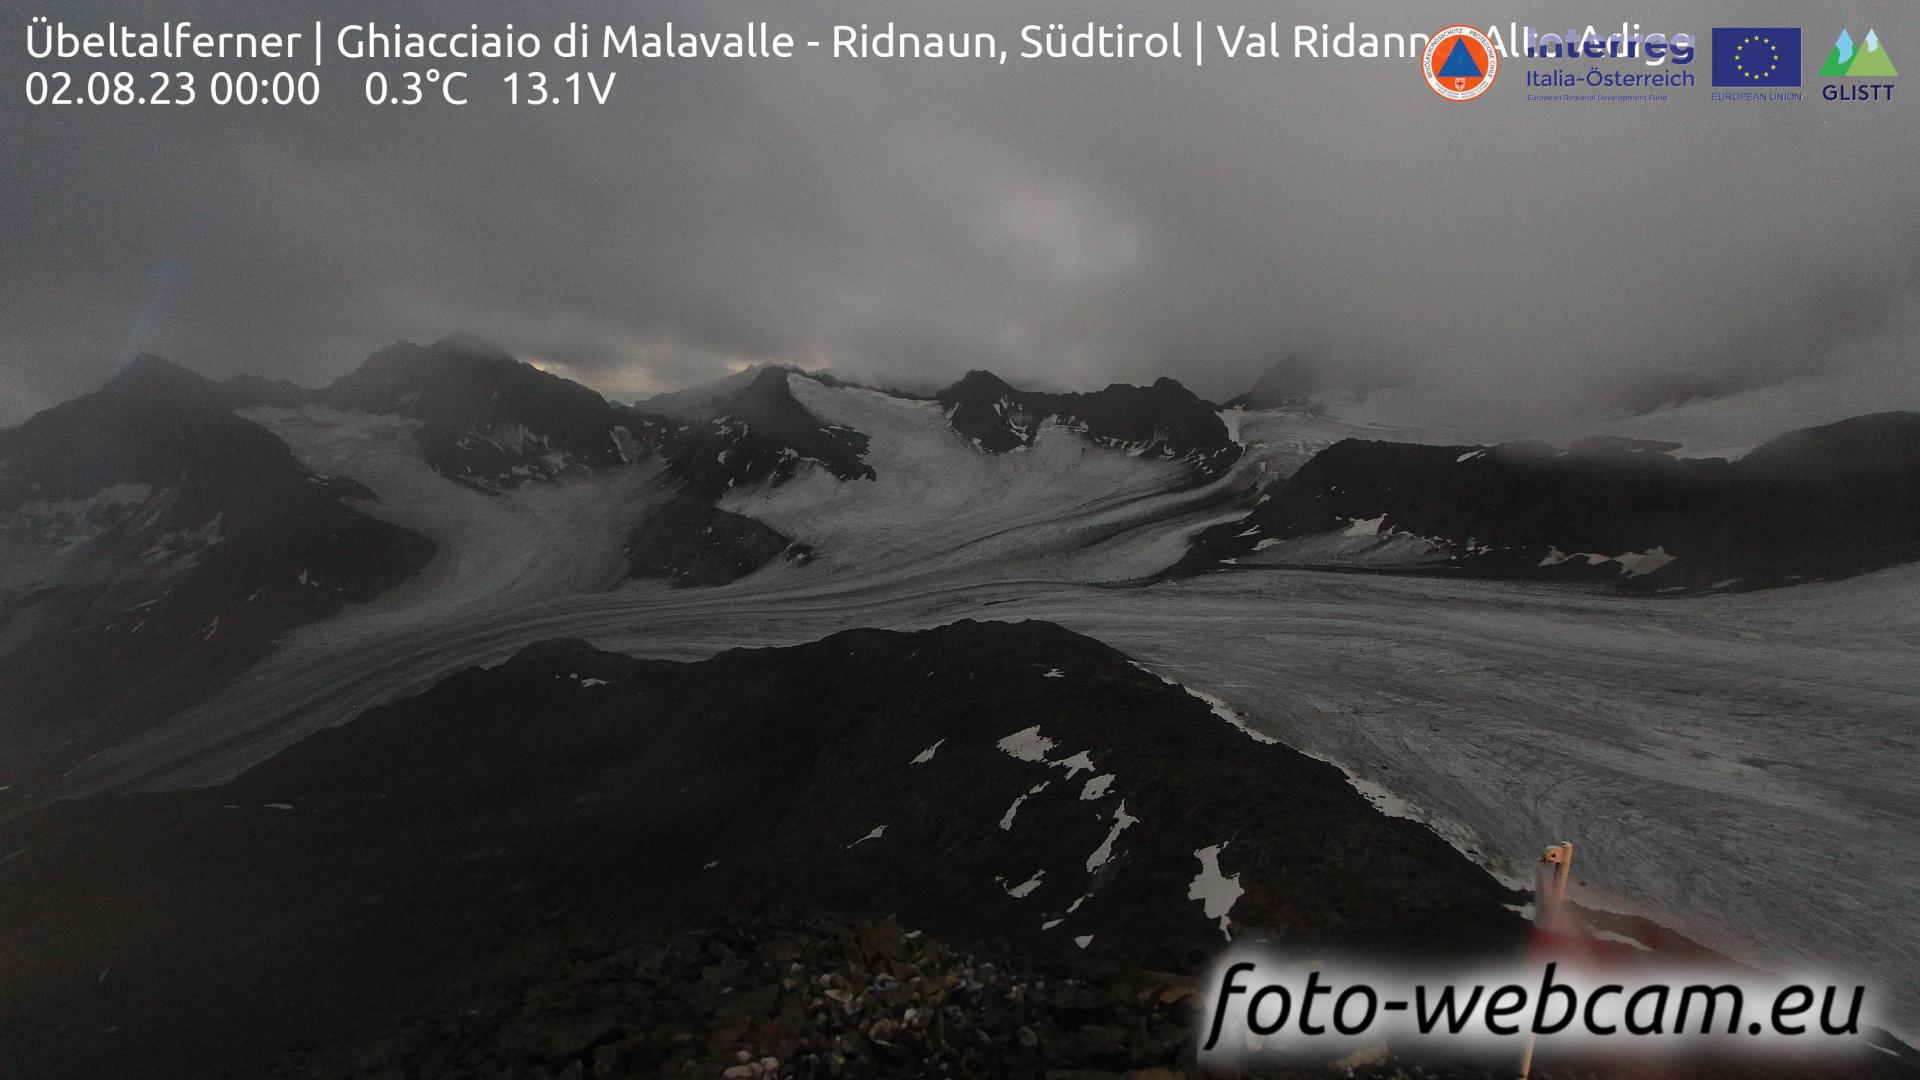 Val Ridanna Sab. 00:28